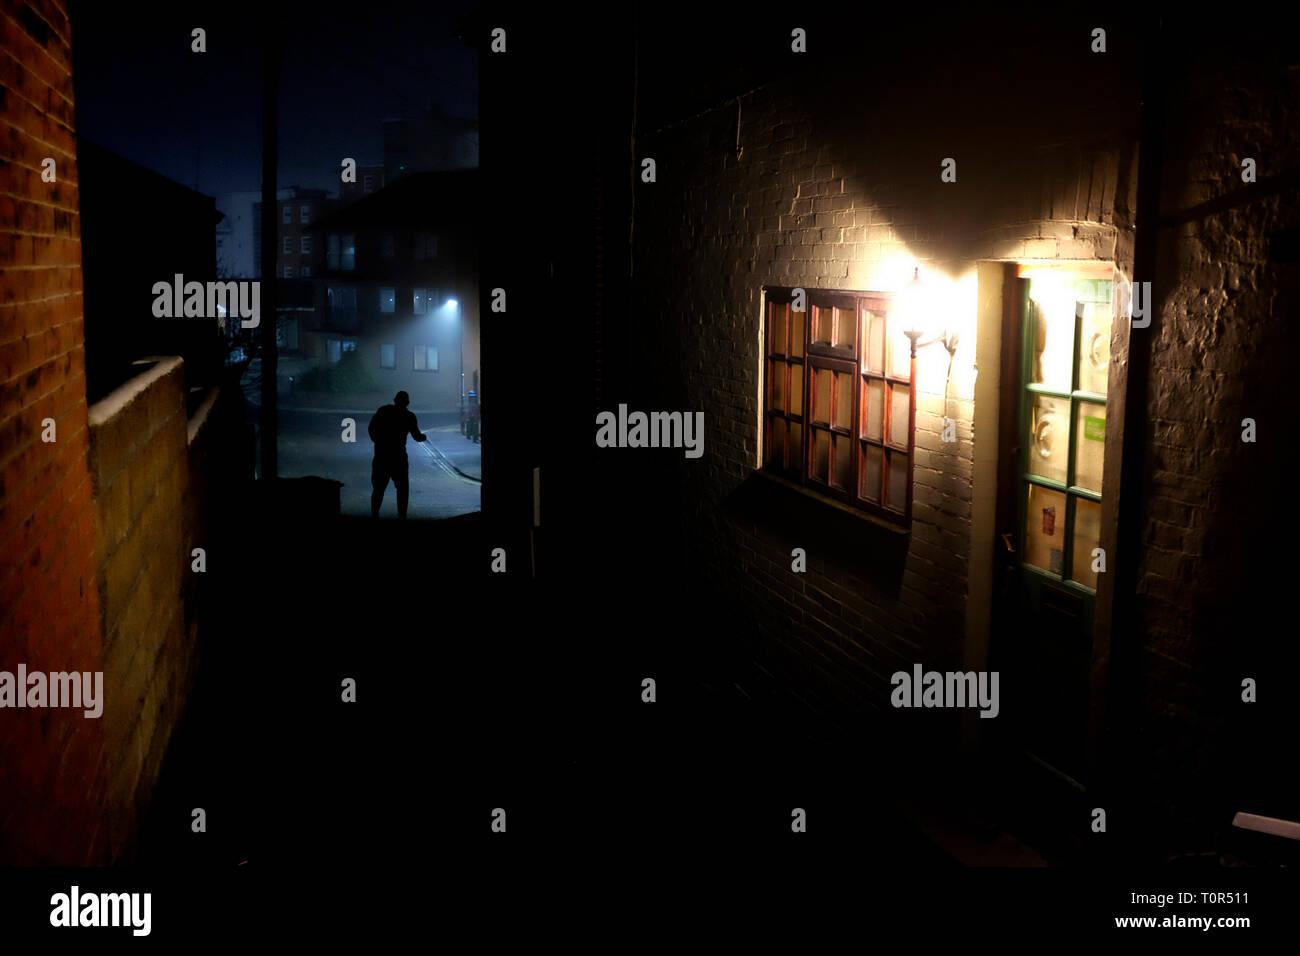 Siniestro,figura,en,,Siluetas Silueta,en,final,de,callejón,alley,cámara,luces,delantera,puerta,penal,crimen,asesinato,asesino,miedo,de,noche,dark,sombras,l Foto de stock